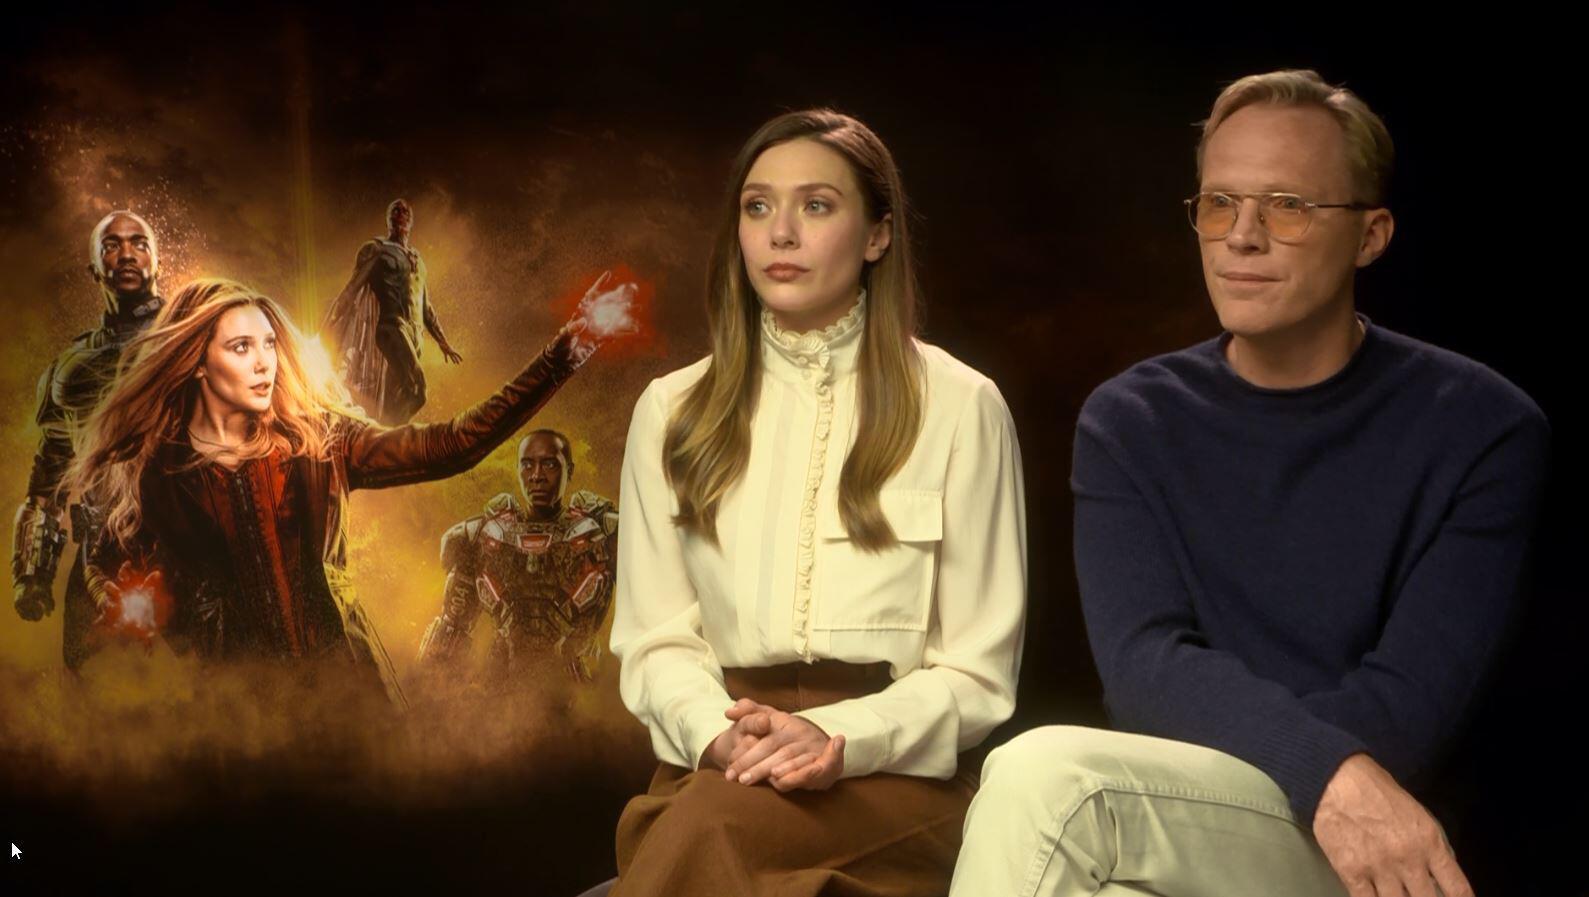 Bild zu Avengers, infinitiy war, interview, kino, kinovorschau